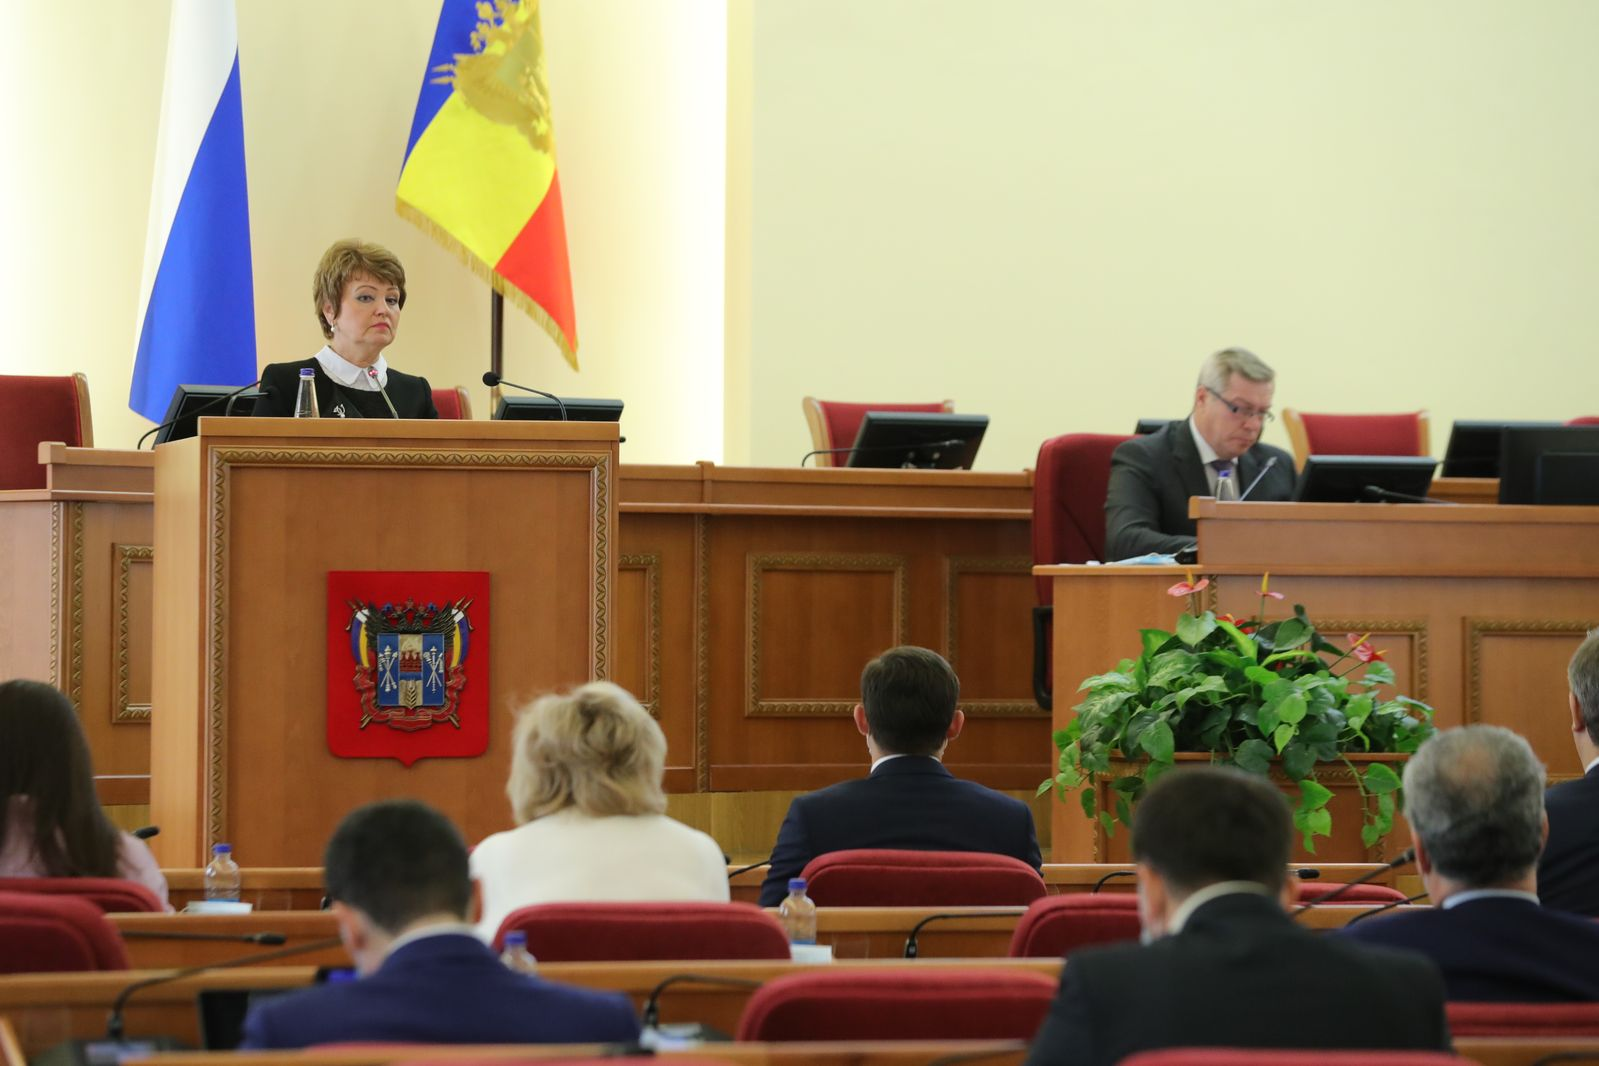 На внеочередном заседании донского парламента утверждены изменения в областной бюджет на 2020 год и плановый период 2021 и 2022 годов